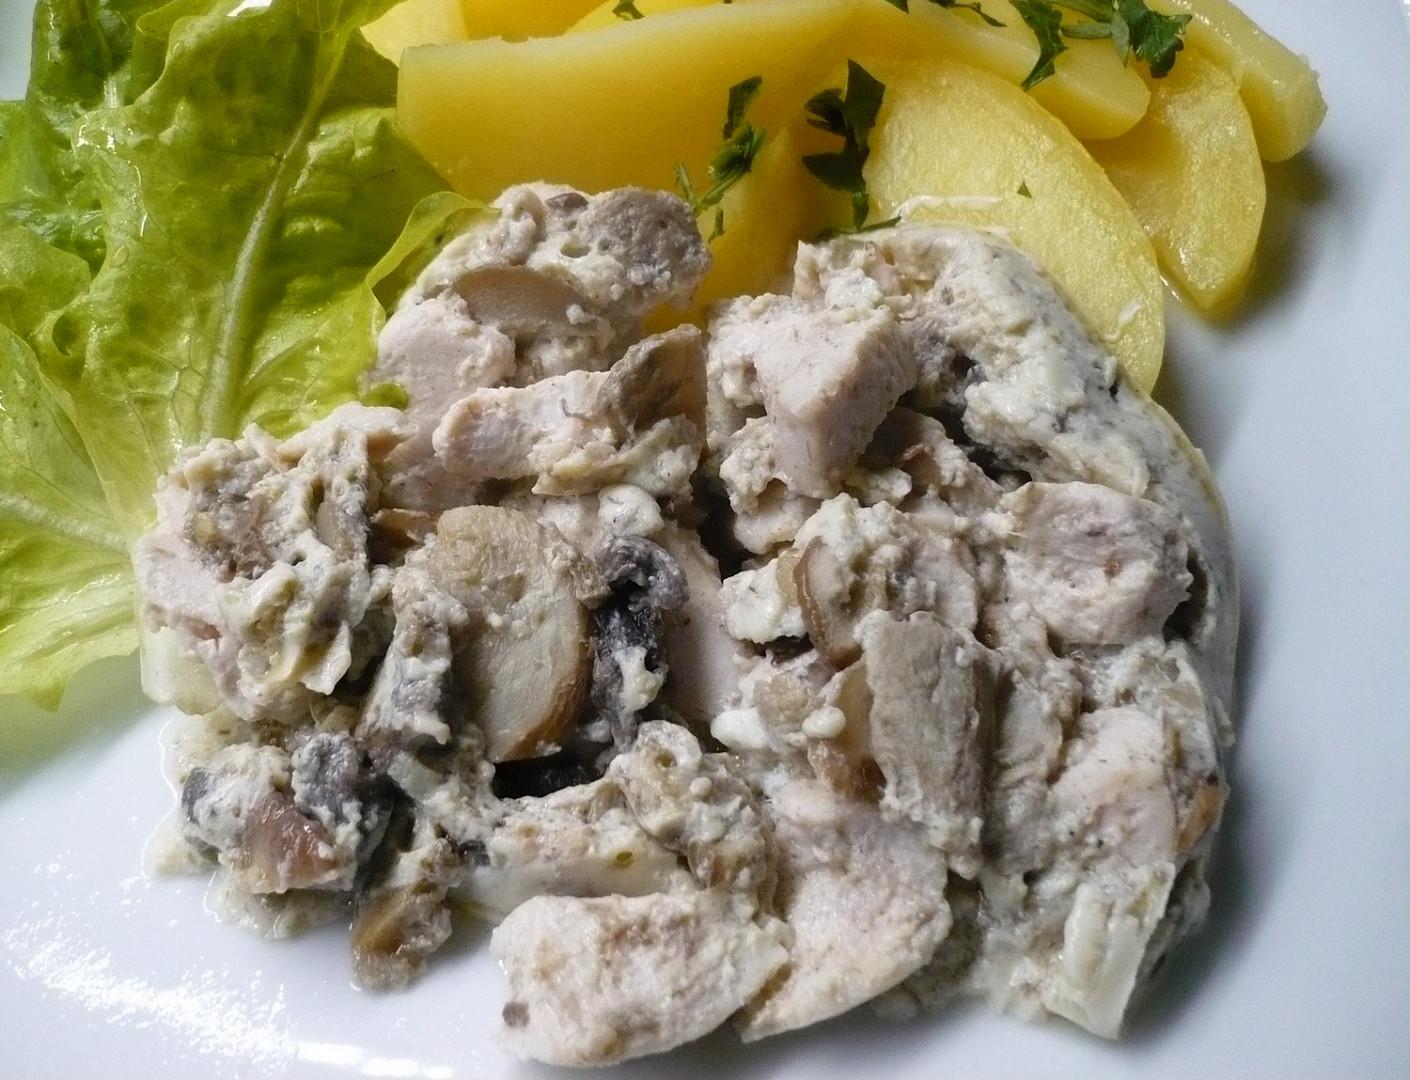 Kuřecí nudličky s houbami z parního hrnce i s bramborami